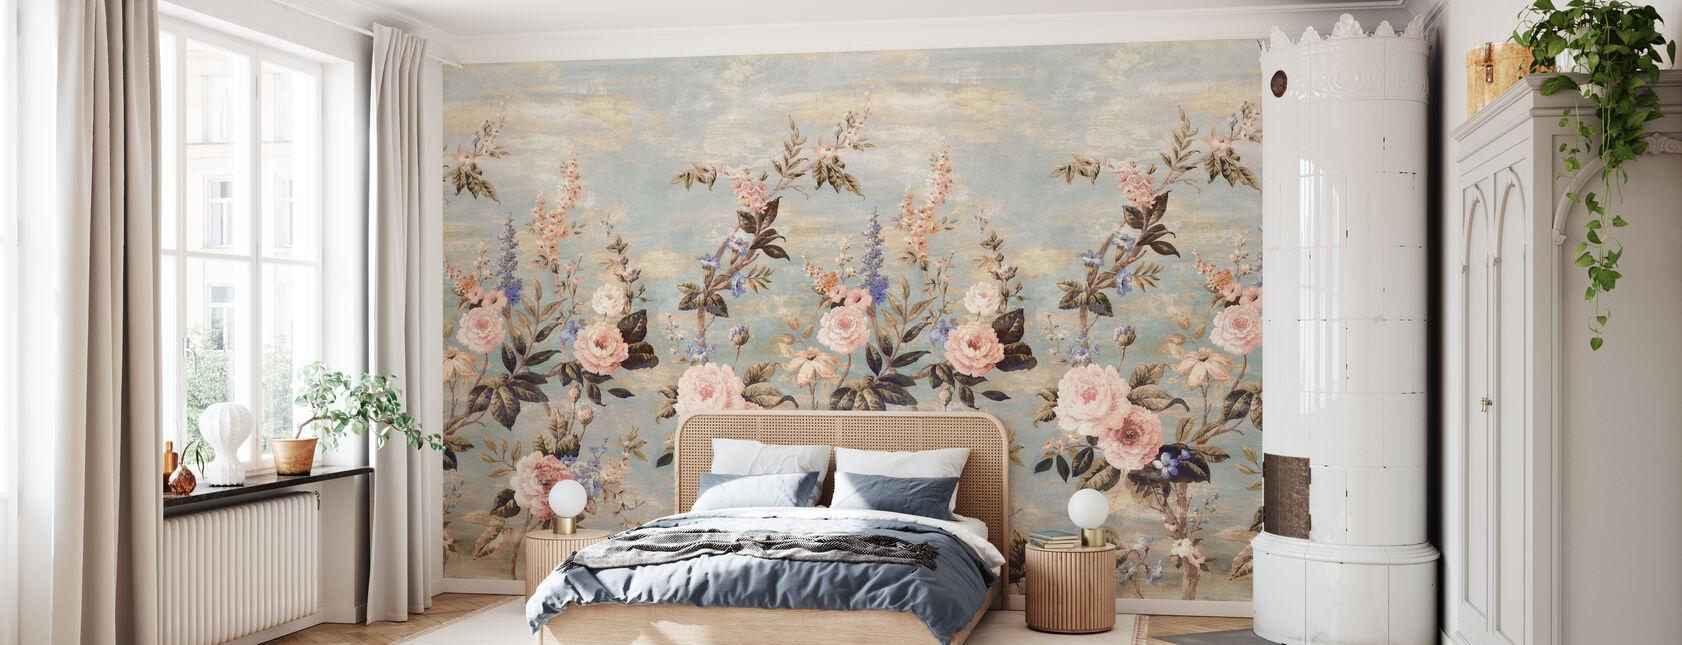 Sprookjes-botanische - Behang - Slaapkamer